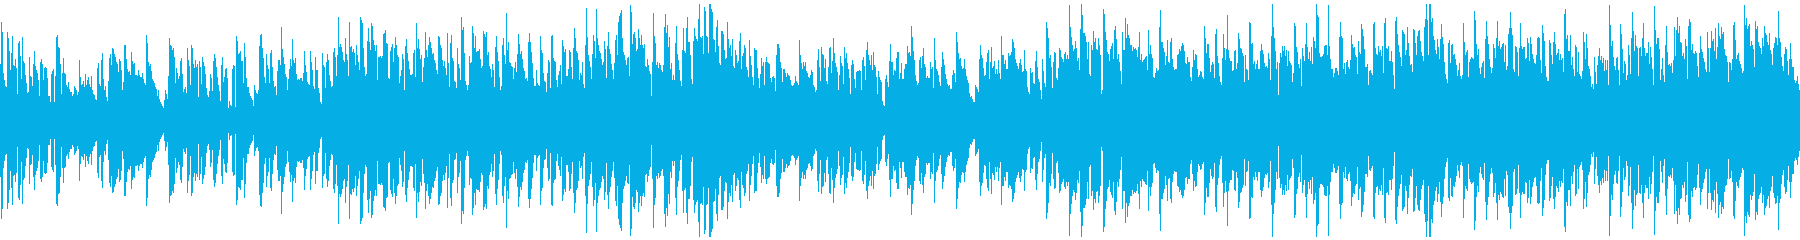 脱力系リコーダーのコメディ劇伴※ループ版の再生済みの波形